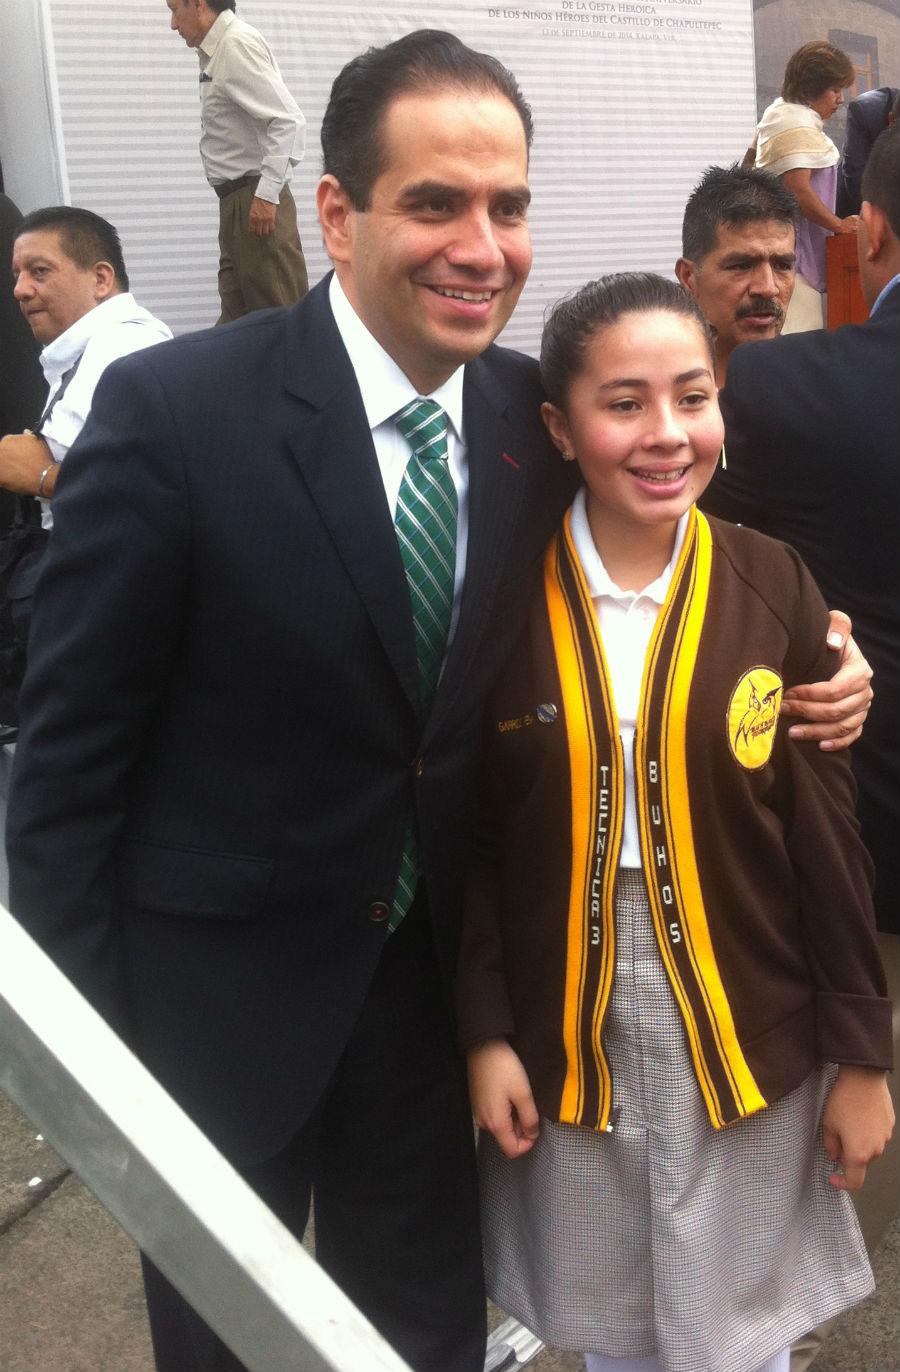 Alumna del 28 de mayo en el parque mamando guayaquil - 1 5